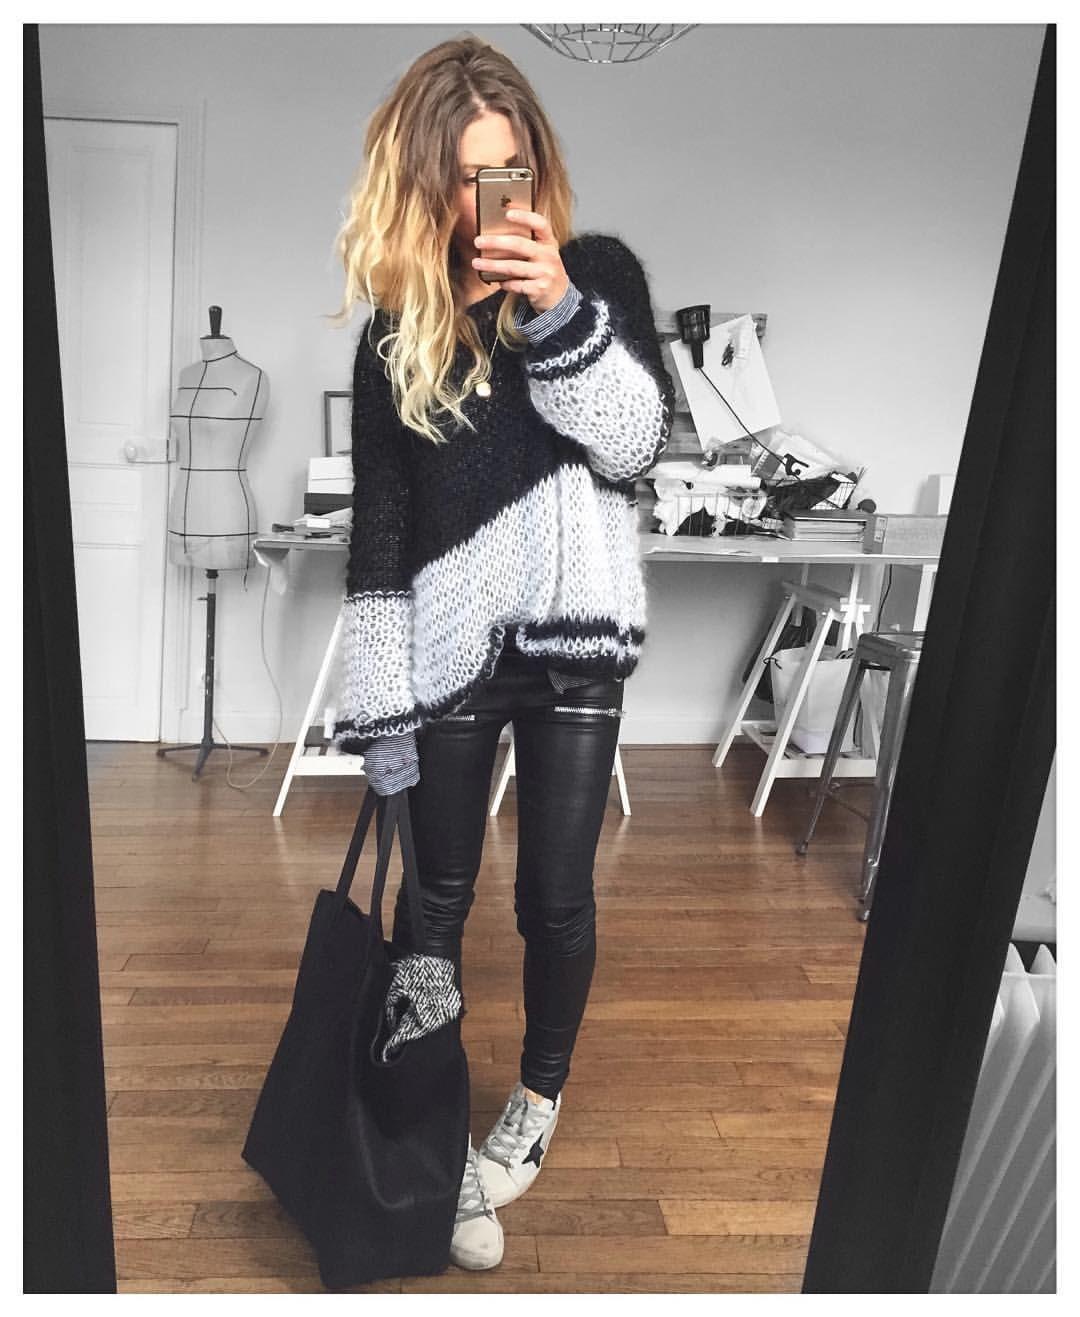 Sieh dir dieses instagram foto von meleponym an gef llt 3 687 mal mode pinterest outfit - Instagram foto ideen ...